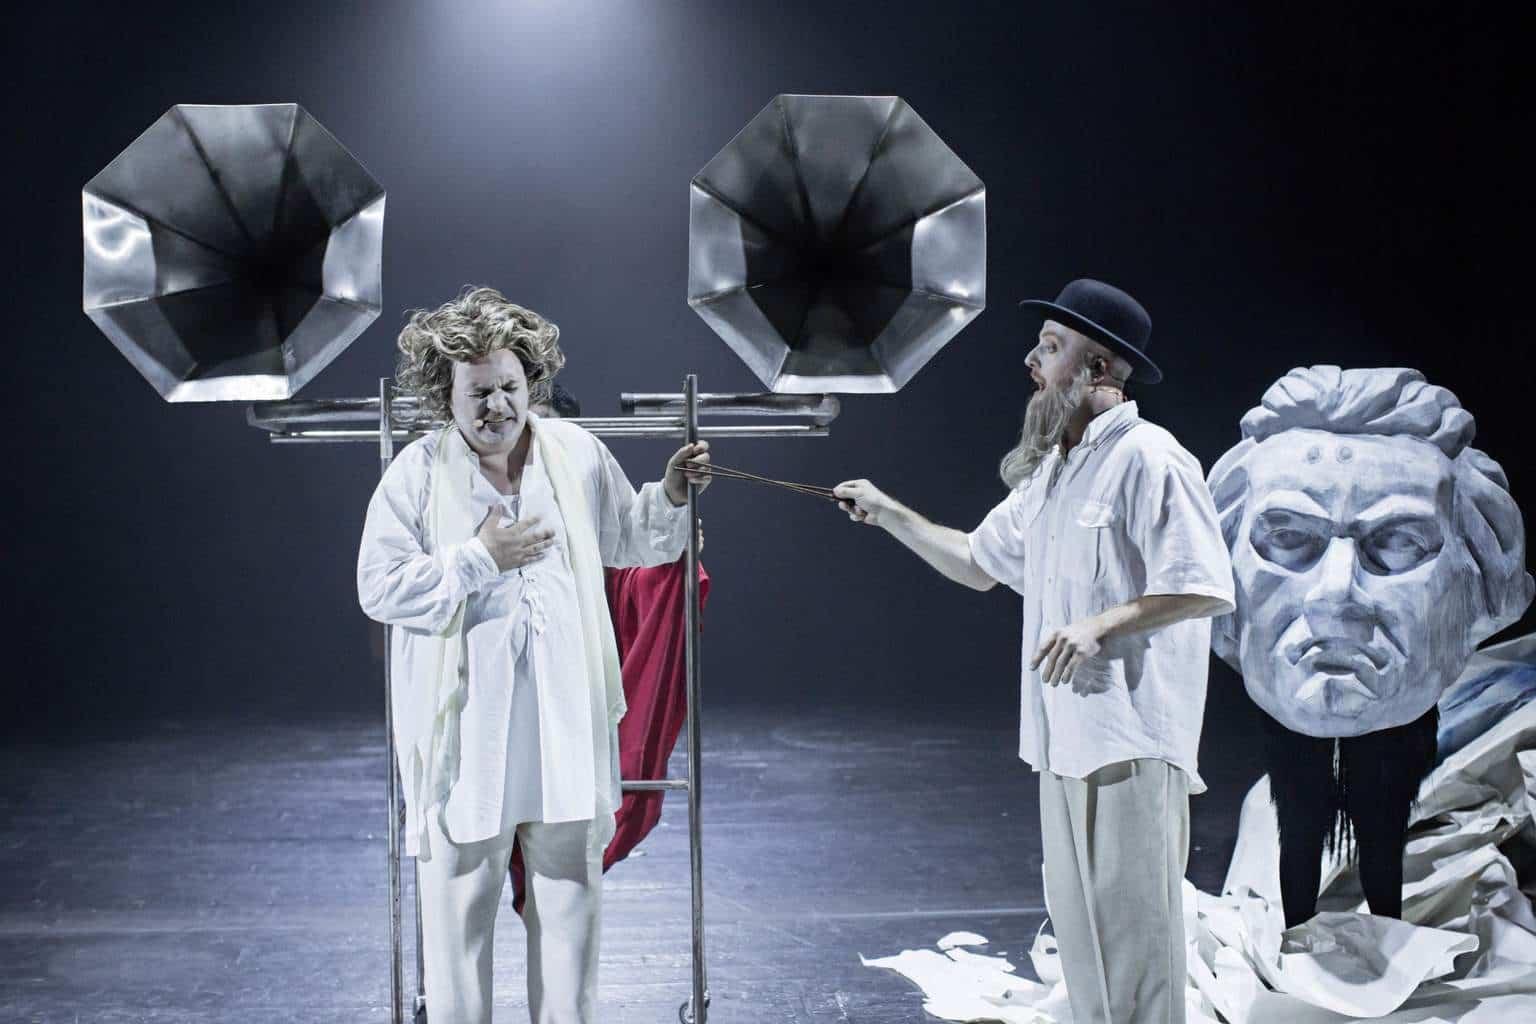 Beethoven i hvid natskjorte. Bellevue Teatret. Fotos af Isak Hoffmeyer.